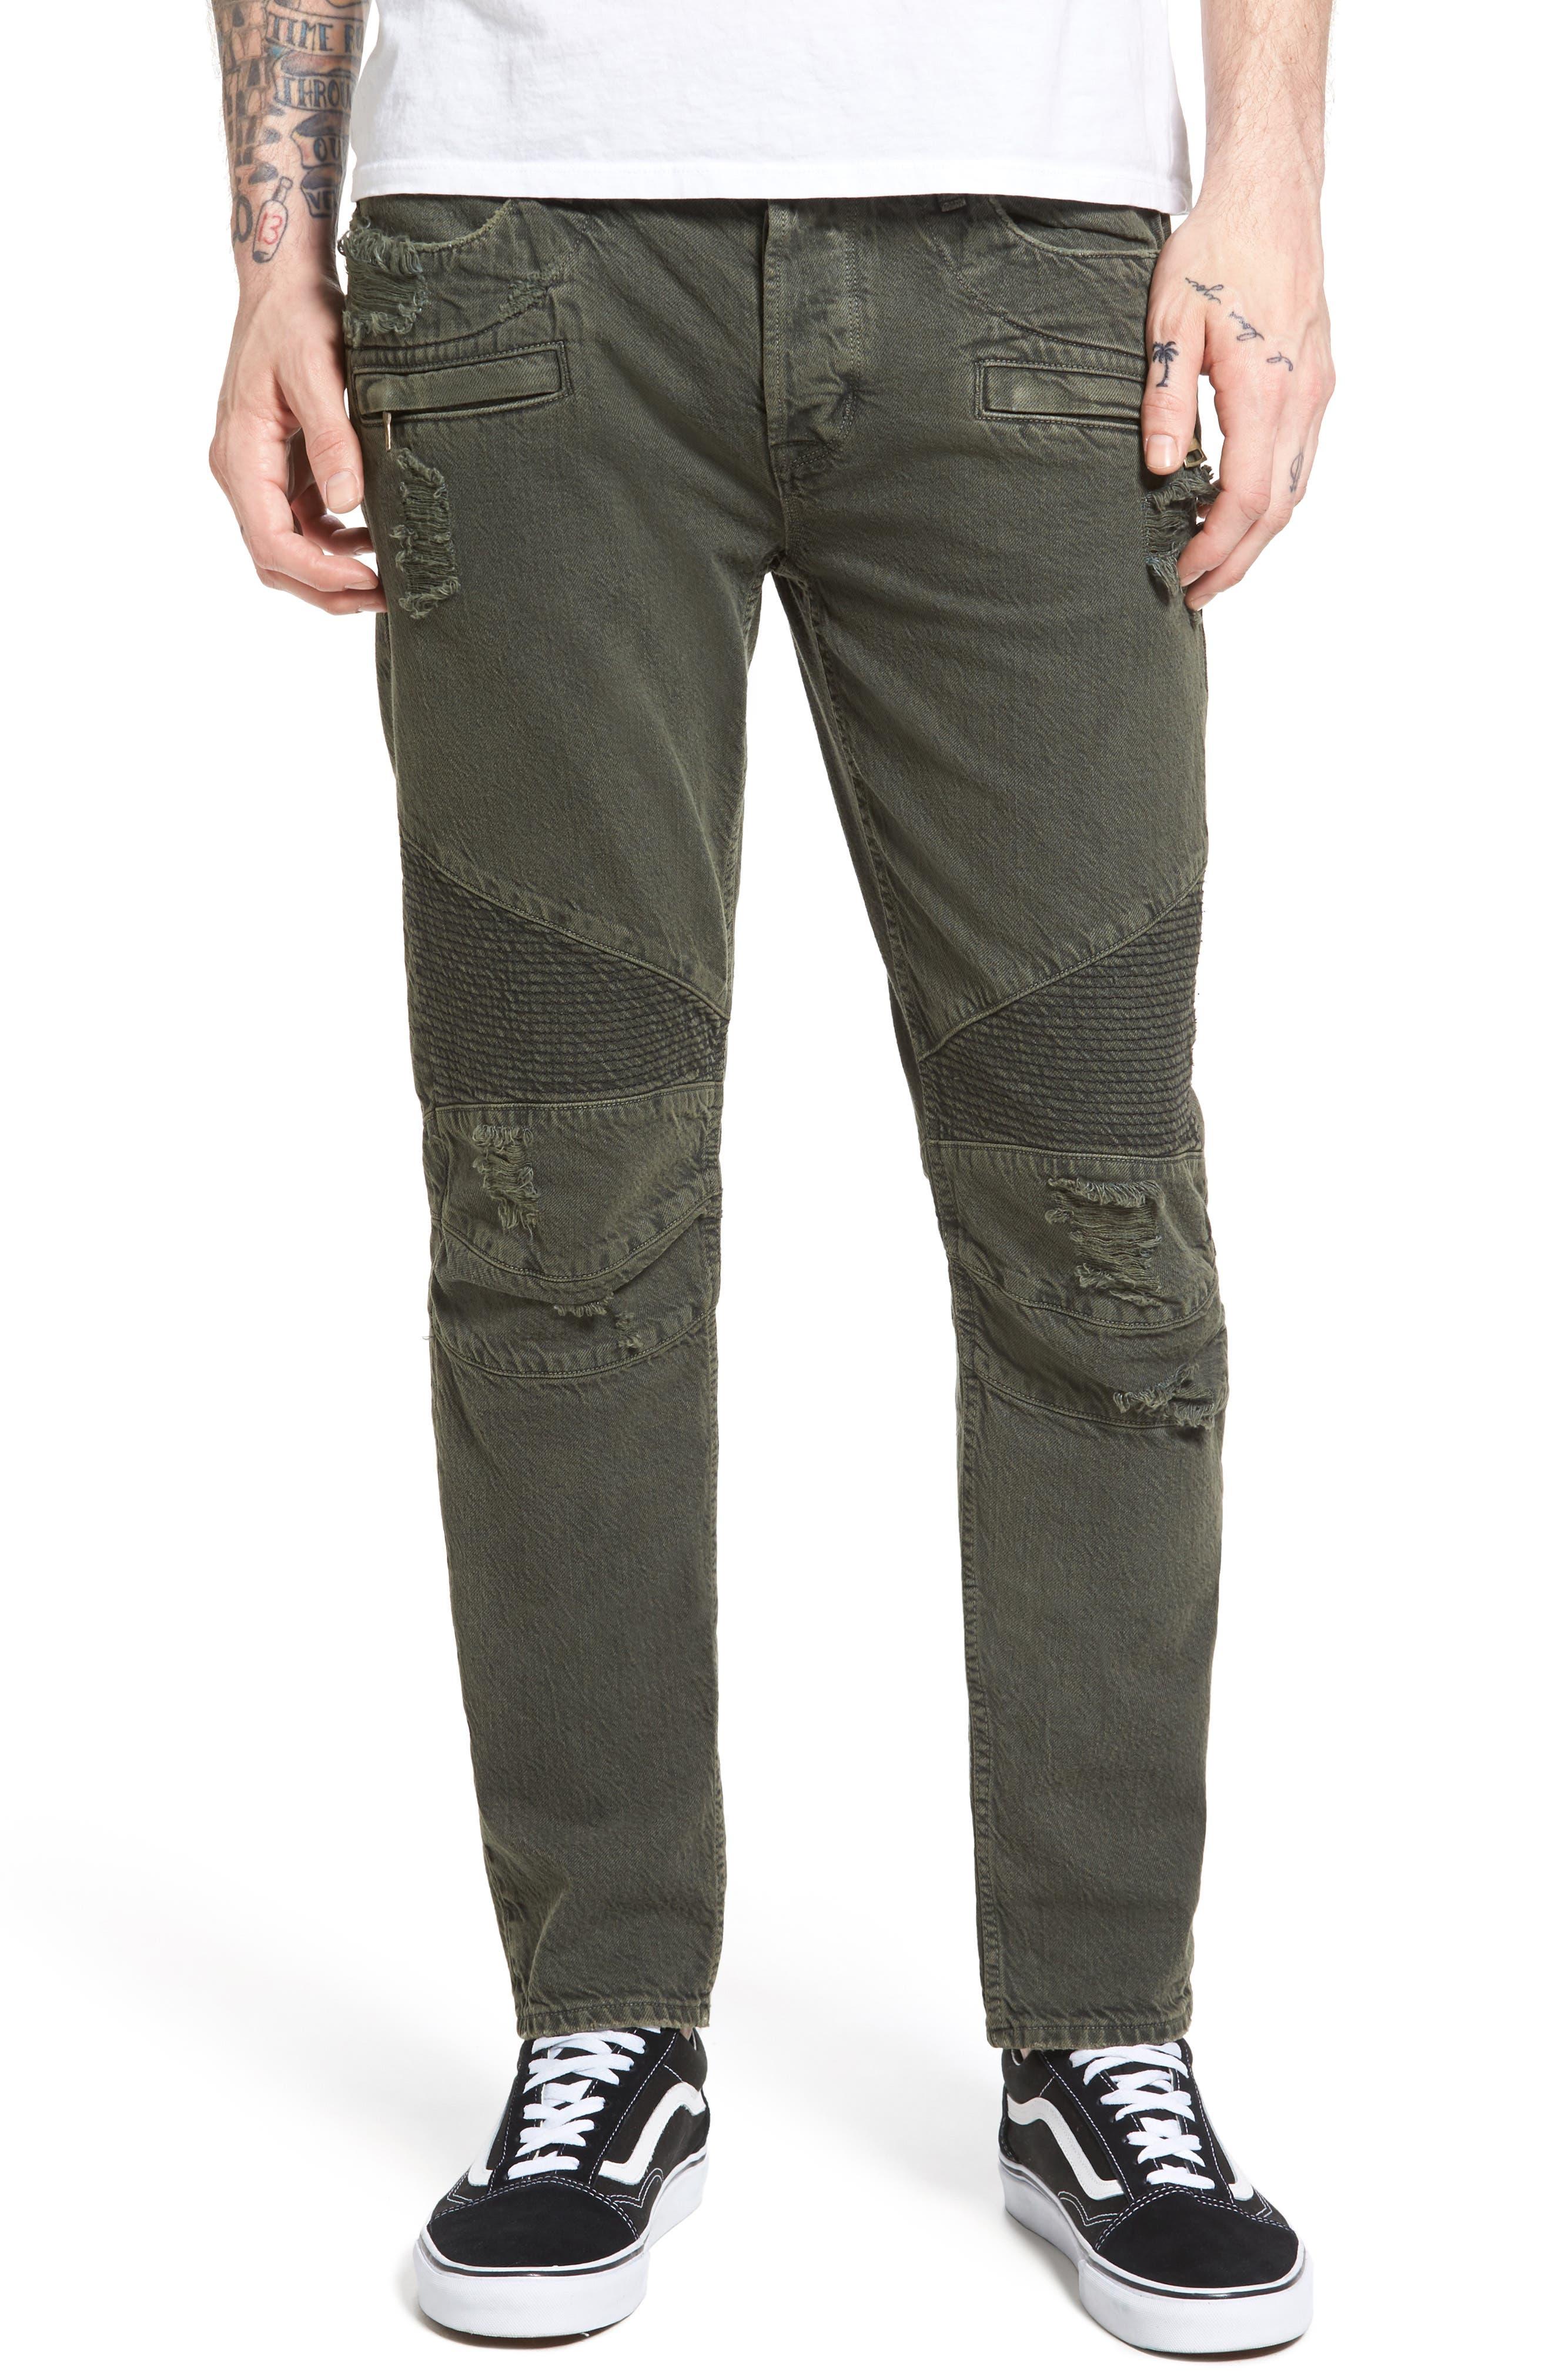 Hudson Jeans Blinder Biker Skinny Fit Jeans (Fortitude Green)